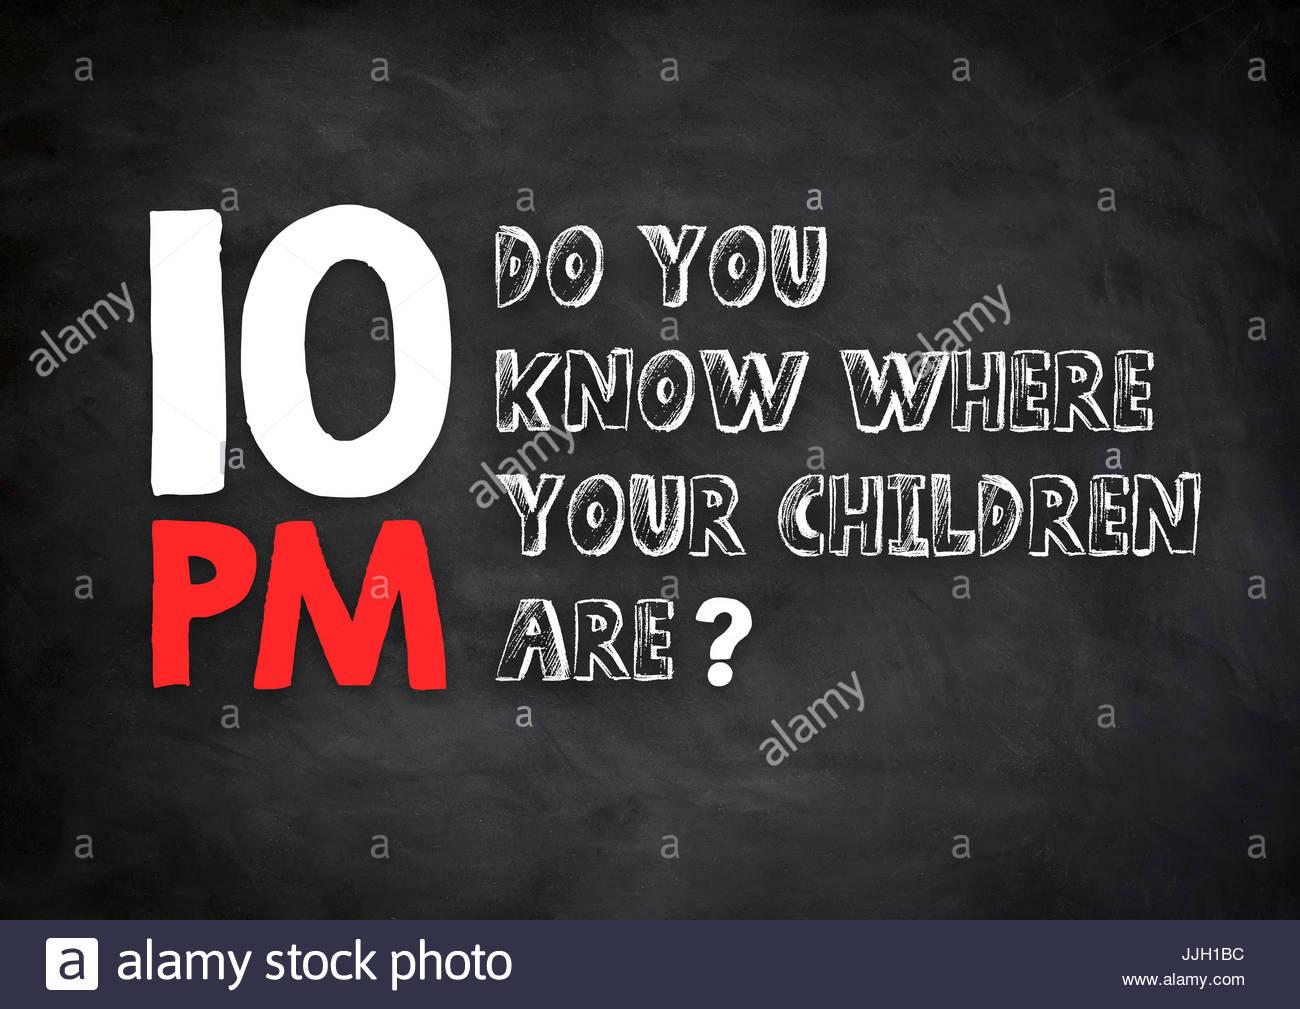 Mire hacia fuera para sus hijos Imagen De Stock